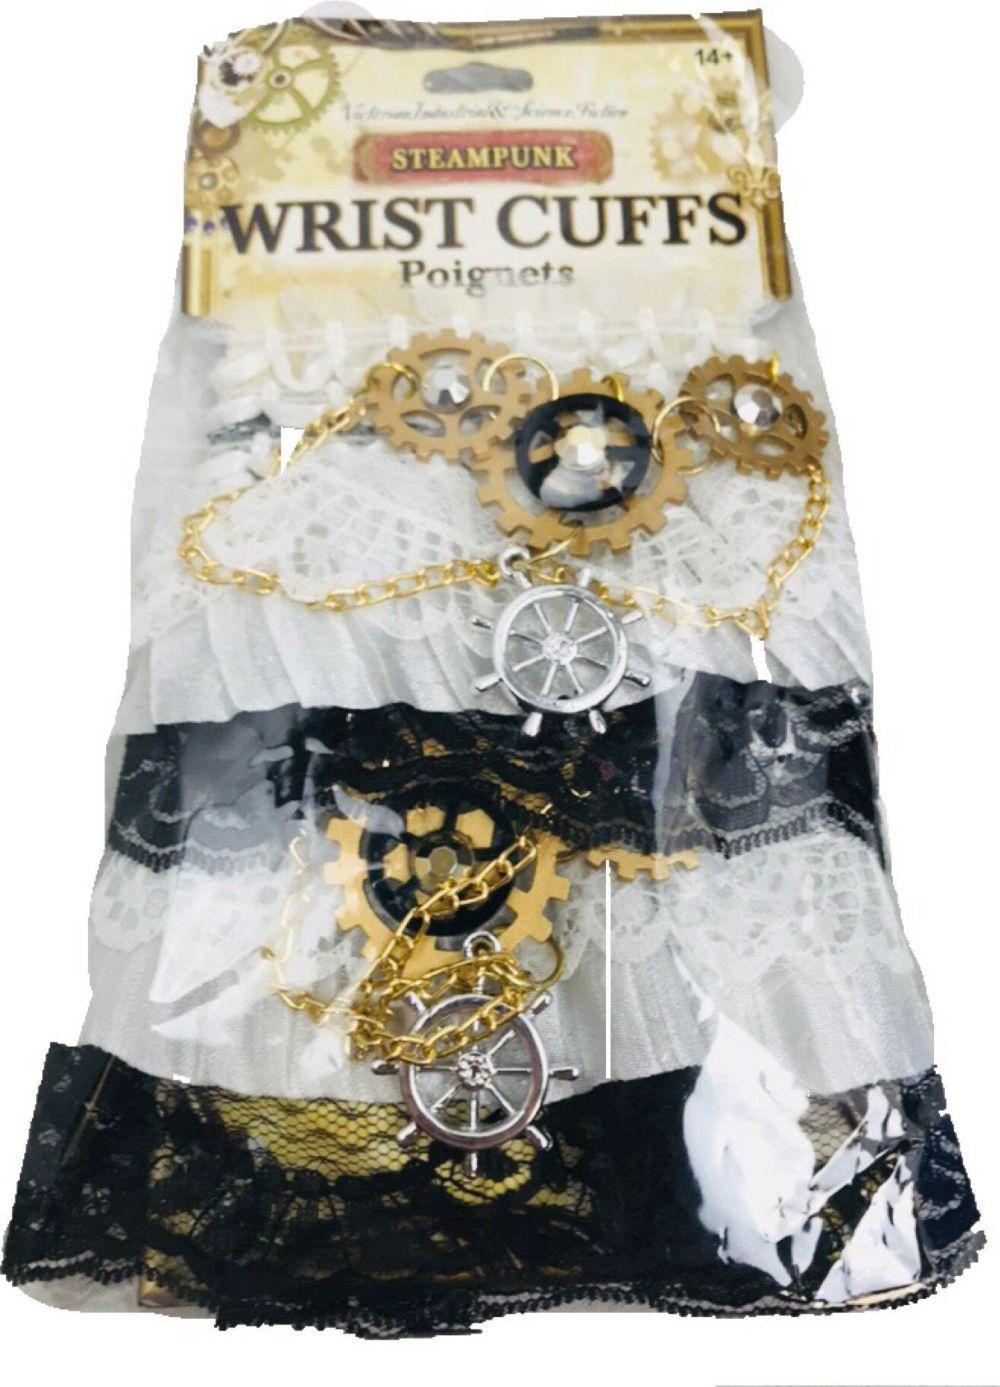 NOS Wrist Cuffs Poignets Halloween Steampunk